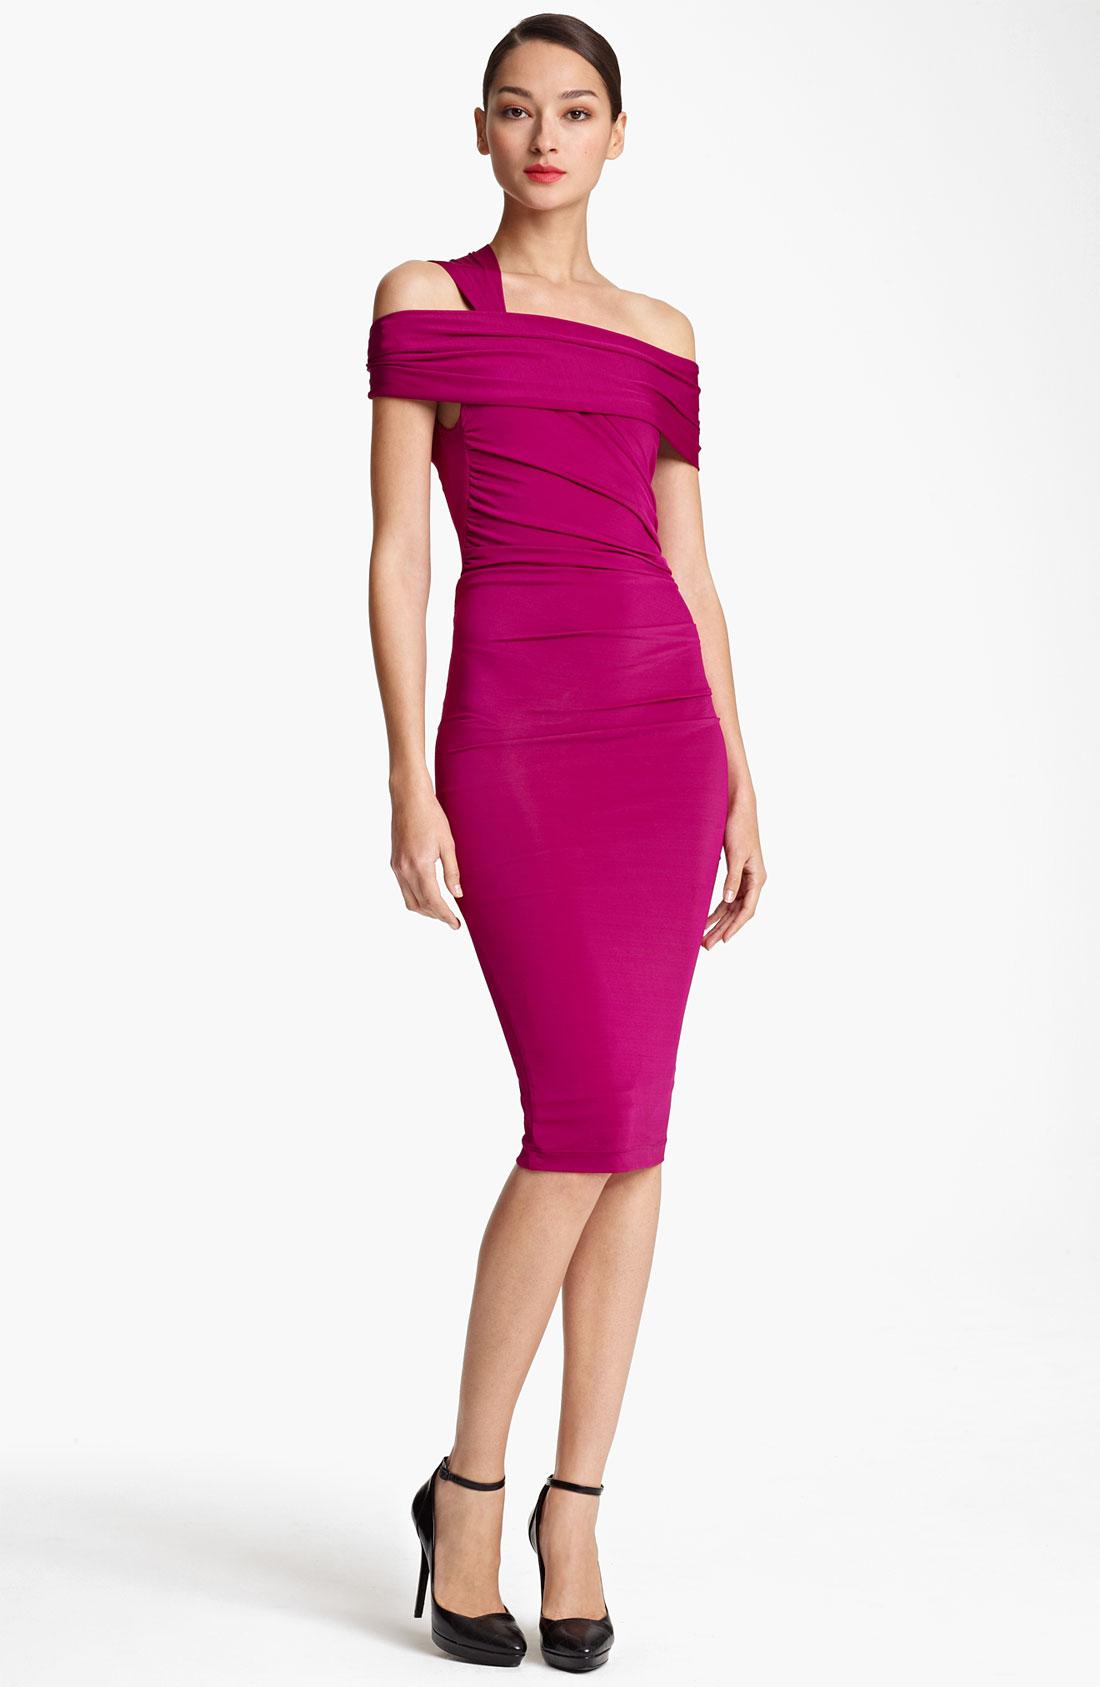 Donna karan new york collection cold shoulder jersey dress for Donna karan new york